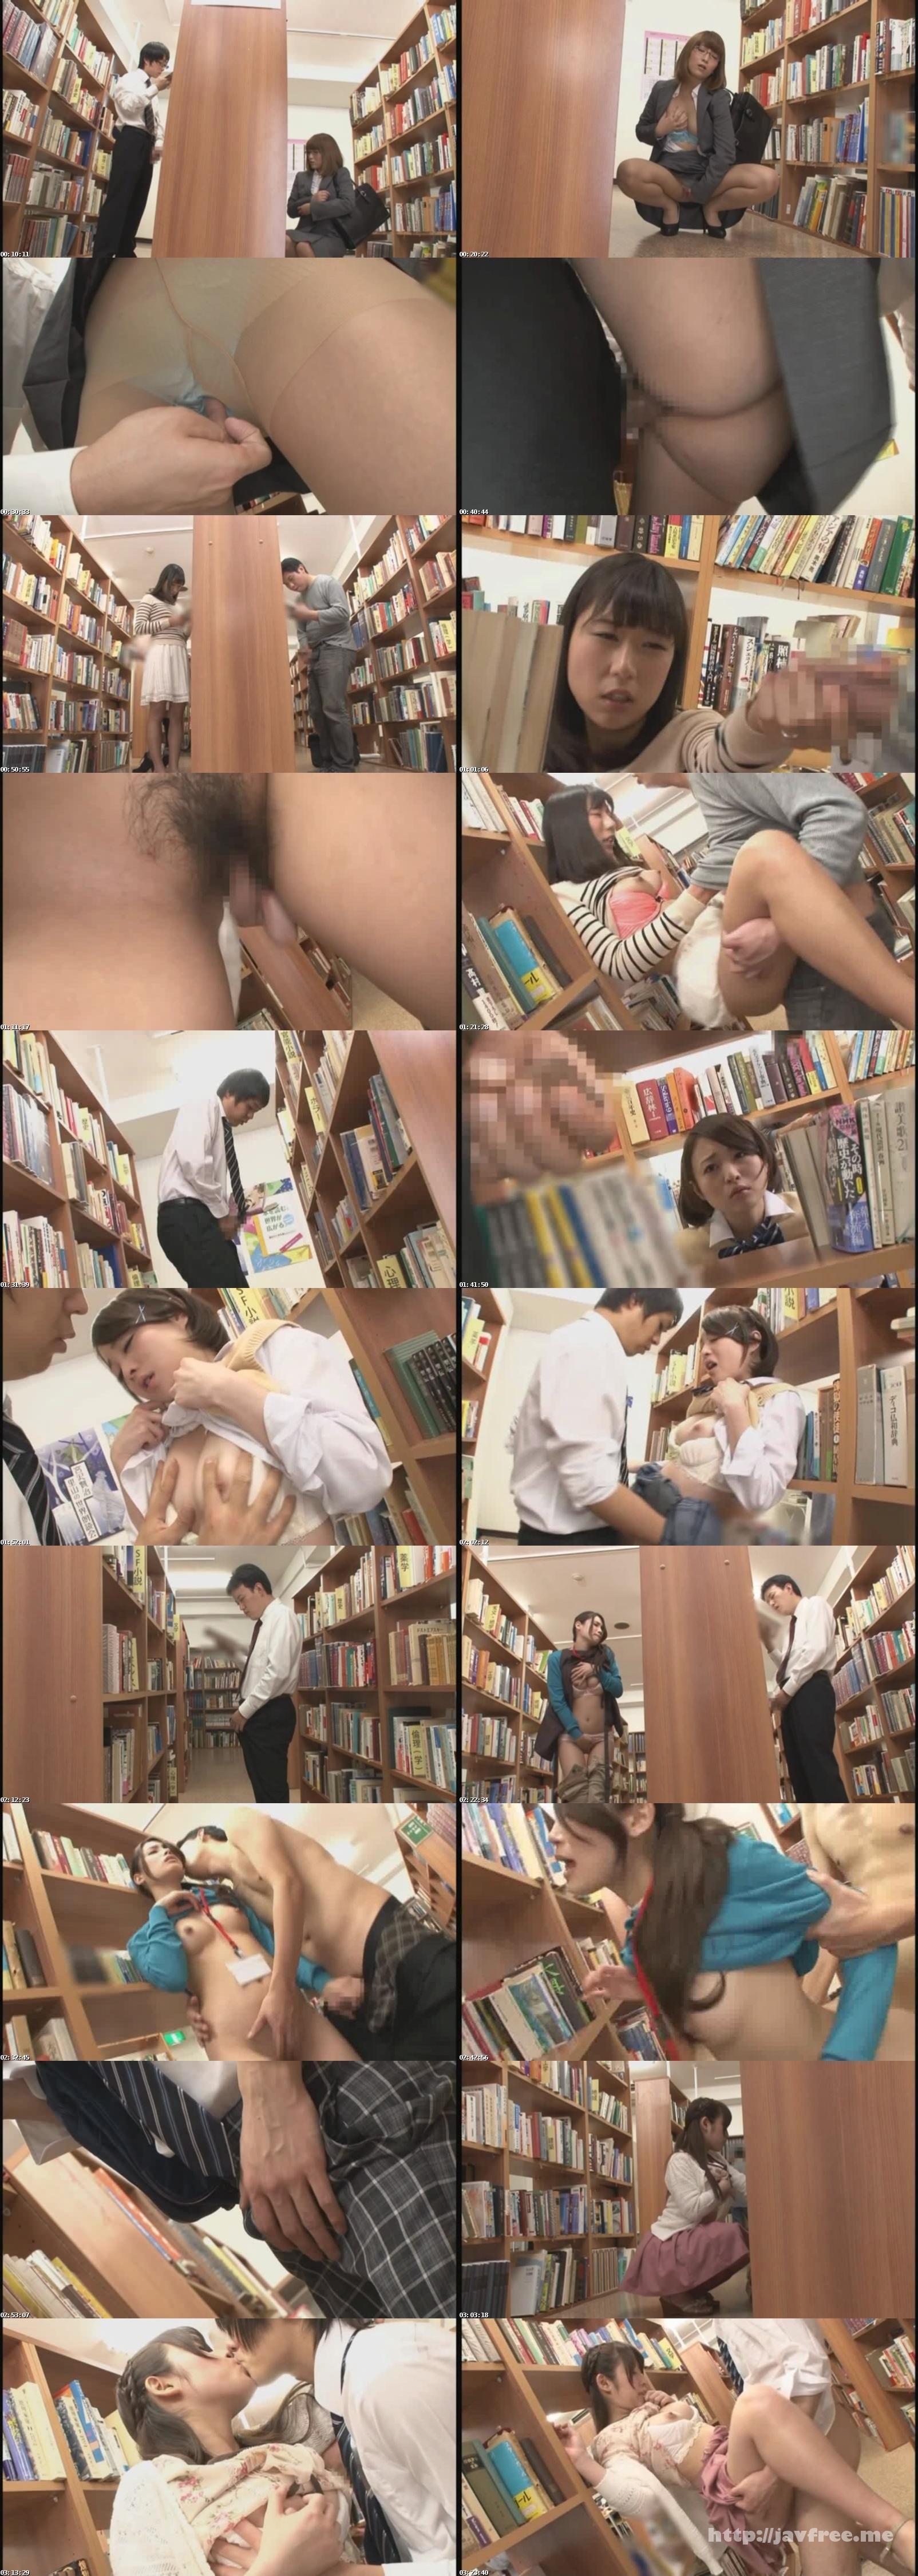 [GDTM 037] 図書館で見つけたエッチな本で僕は思わずオナニー!それを目撃した美女も興奮してオナニー開始!更に欲情した美女が本棚越しに僕のチ○ポを握ってきた GDTM